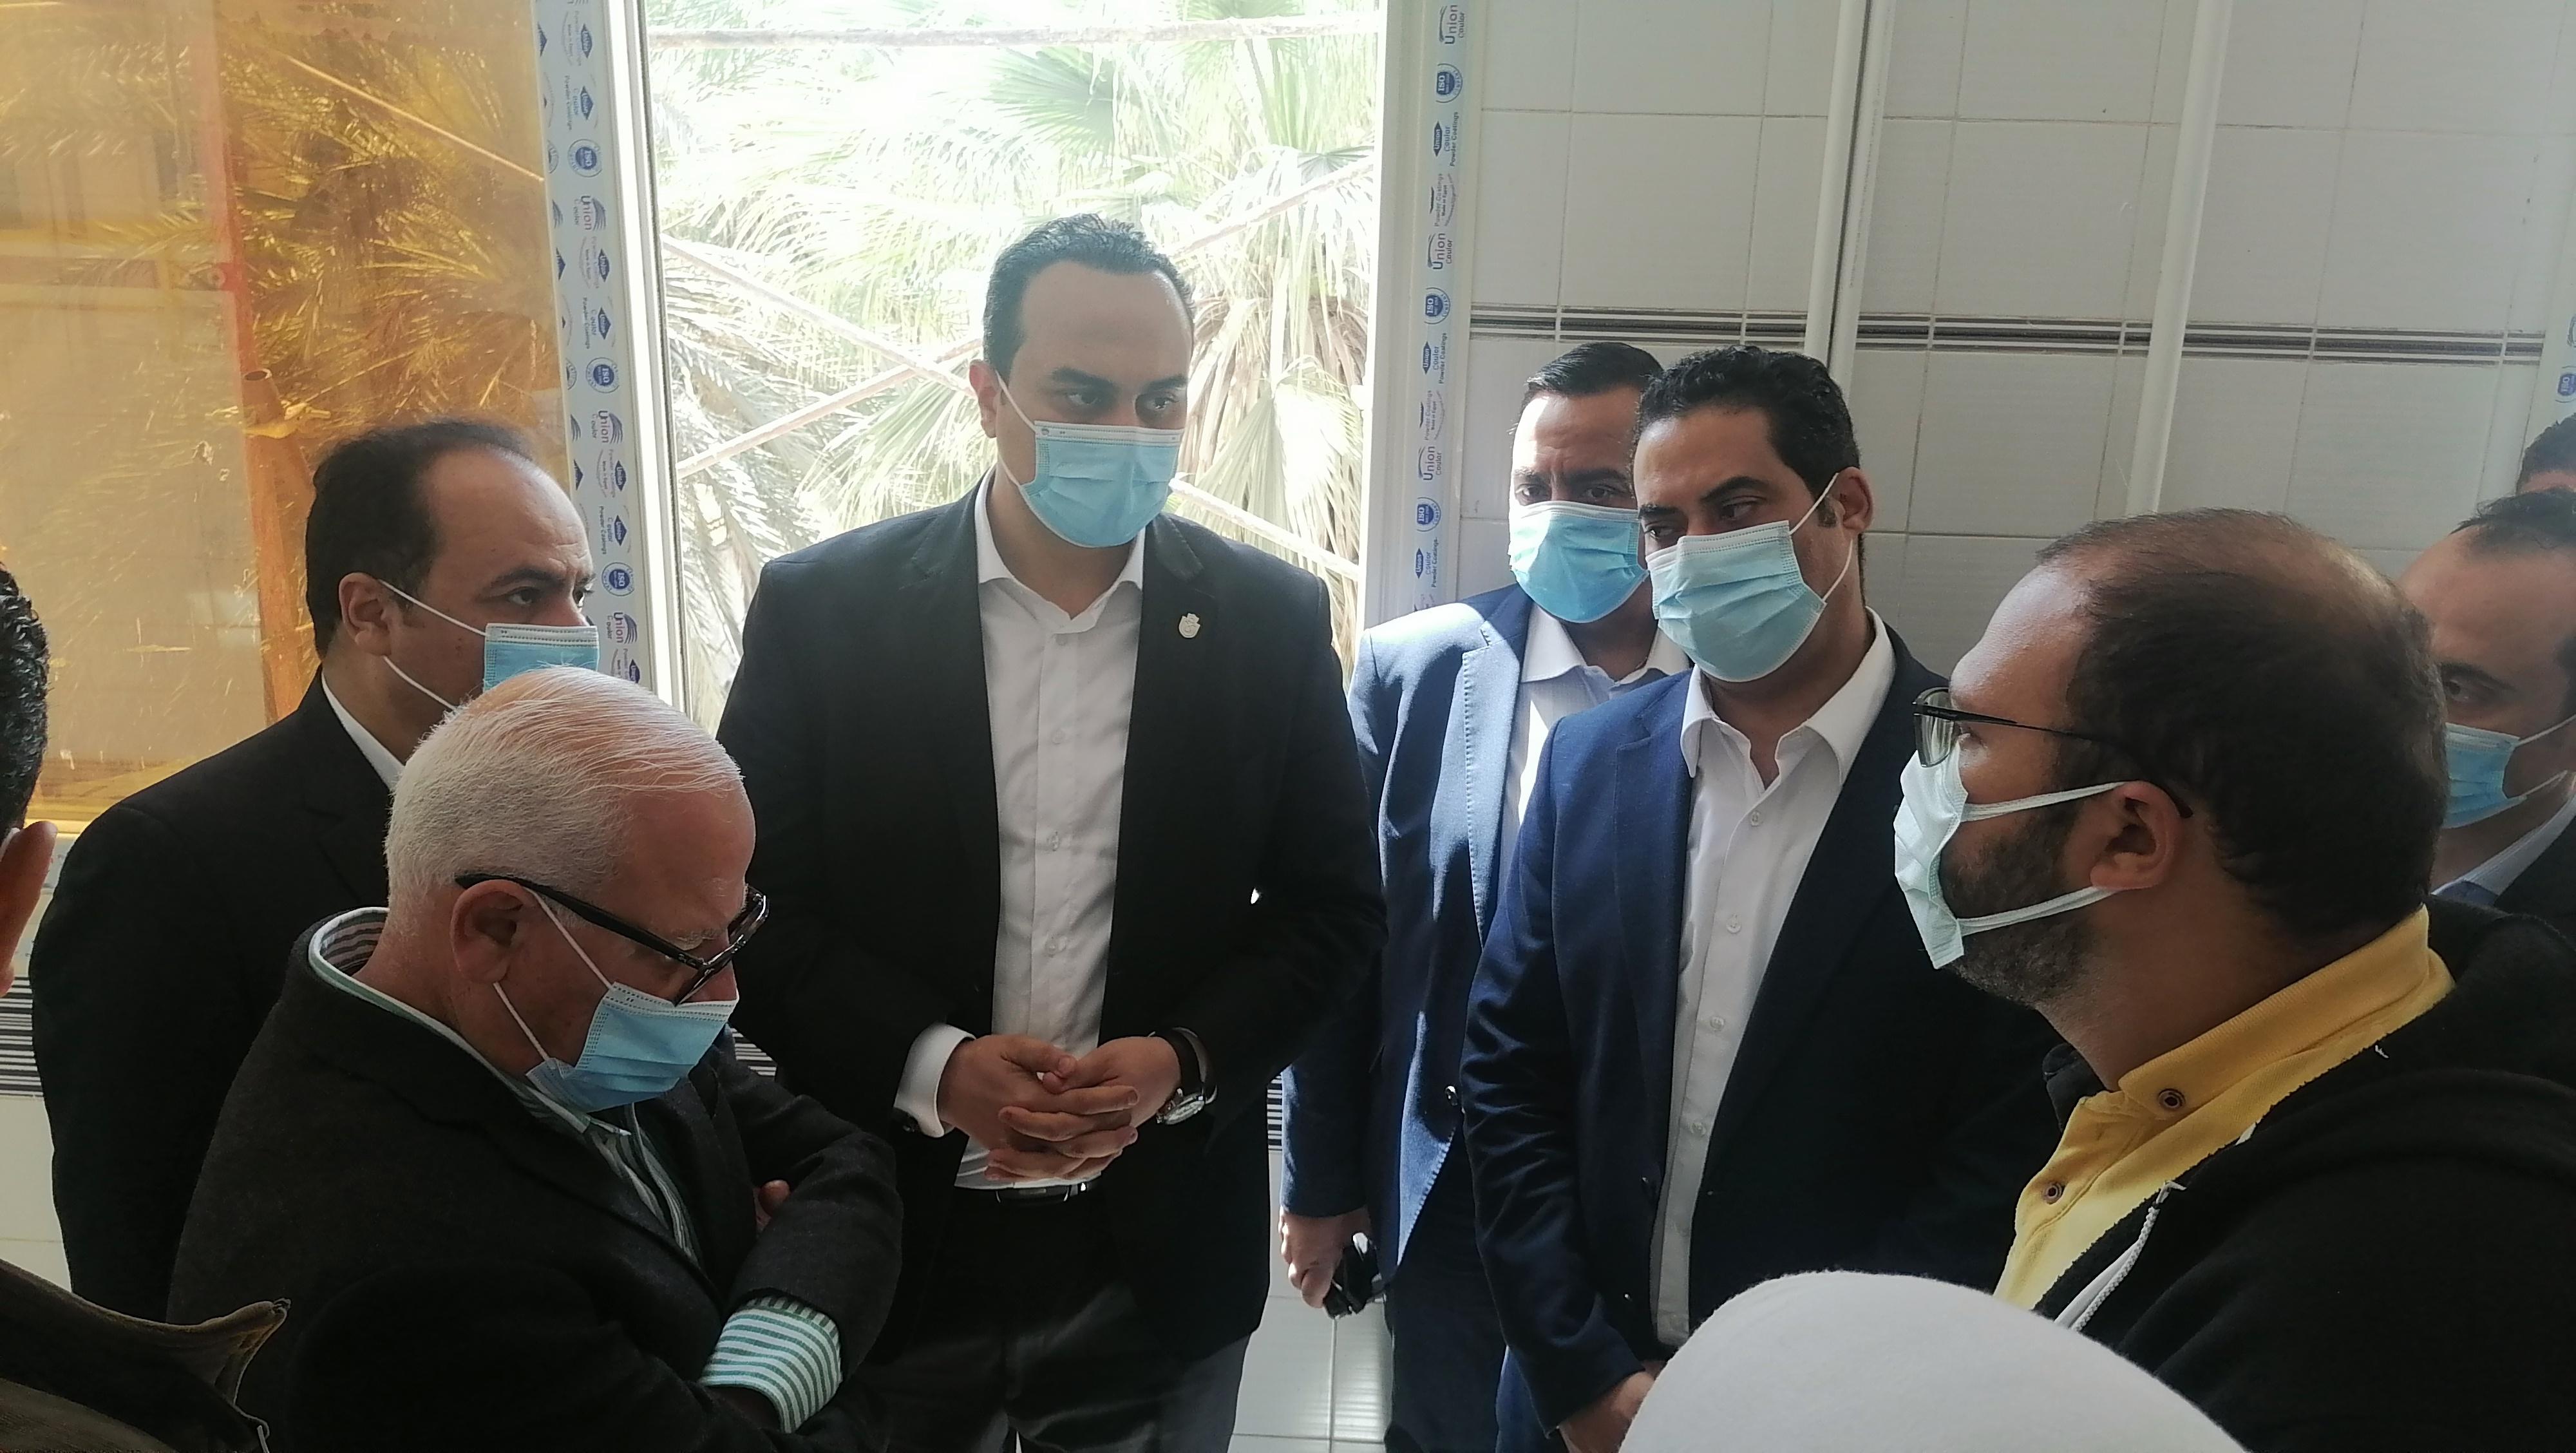 المحافظ ورئيس هيئة الرعاية الصحية بمستشفى المصح البحري